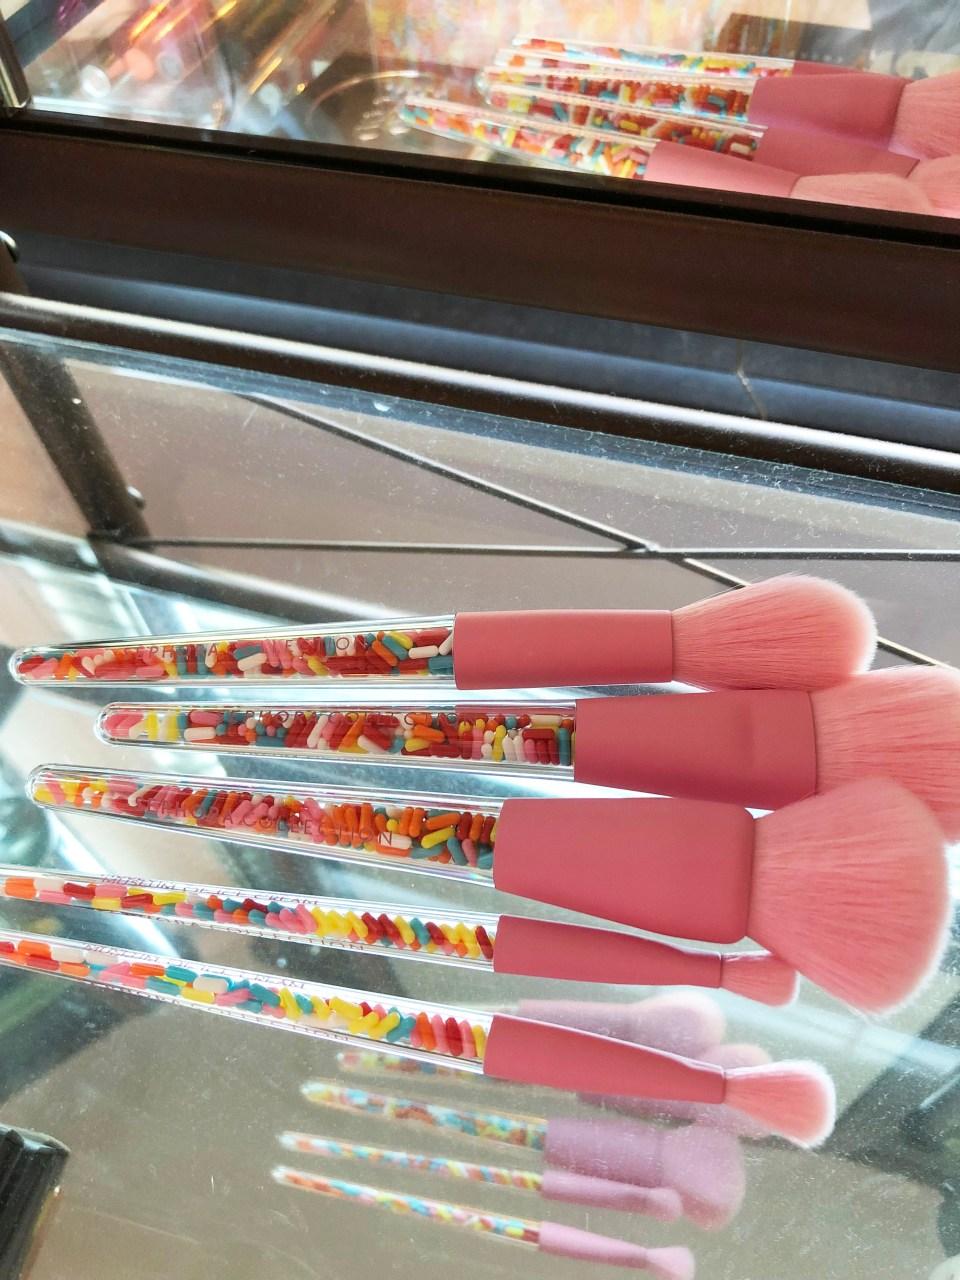 Museum of Ice Cream x Sephora - Brushes